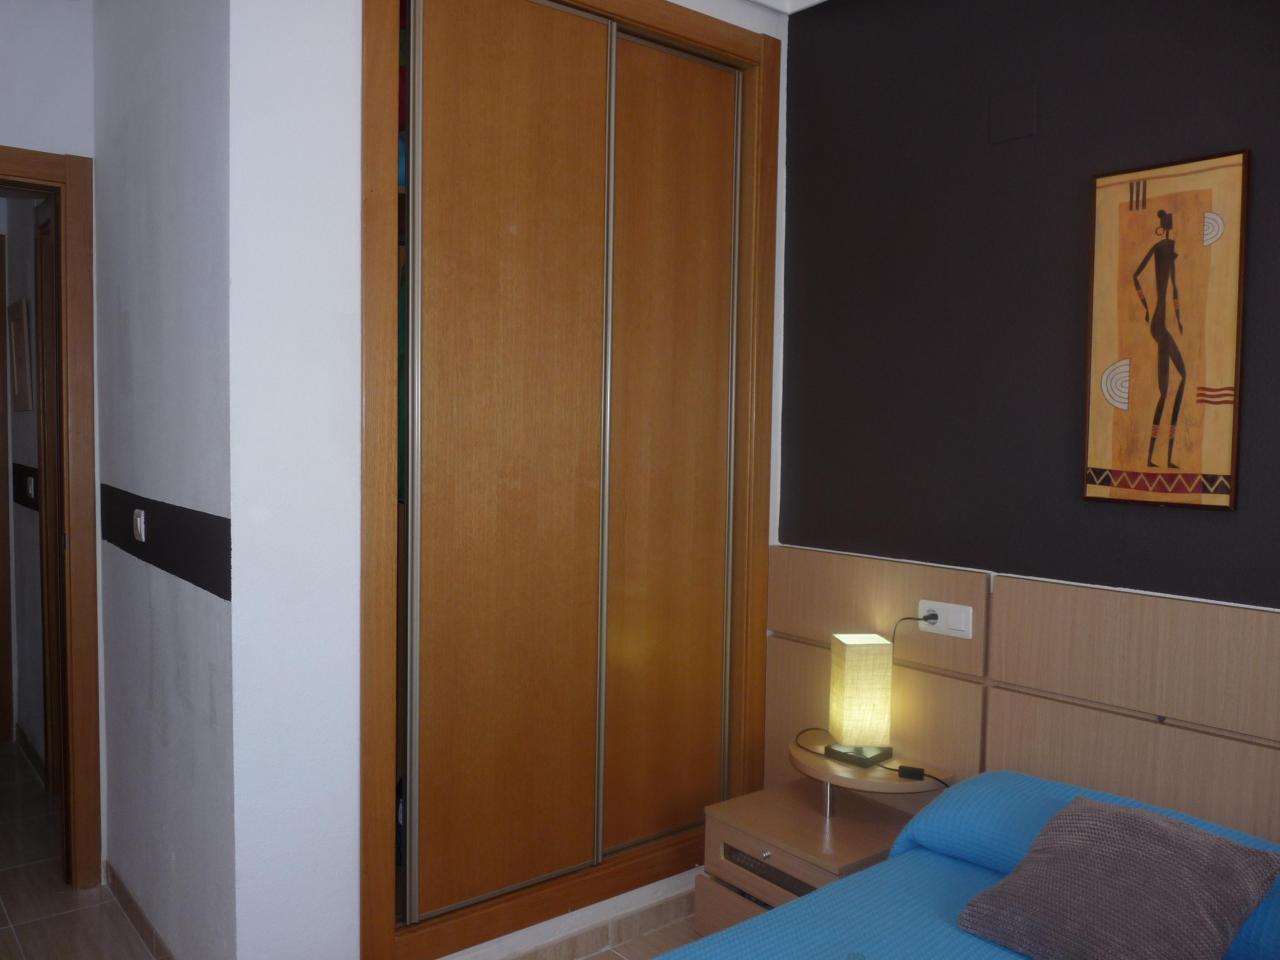 Apartamentos en alquiler Oropesa, Castellón